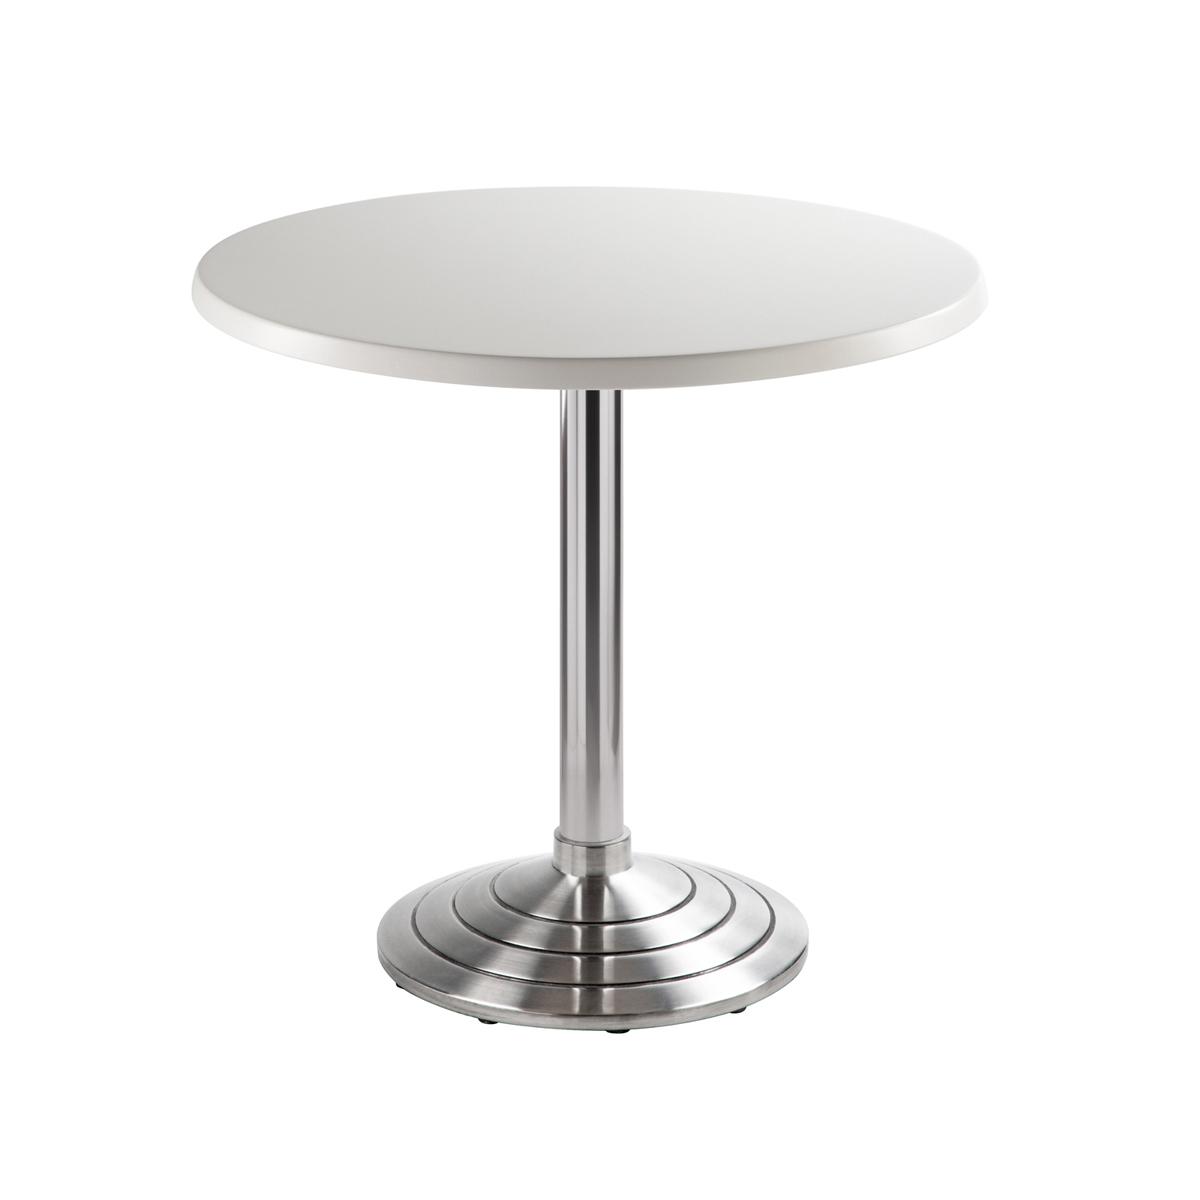 Sitztisch Athen, rund, weiß